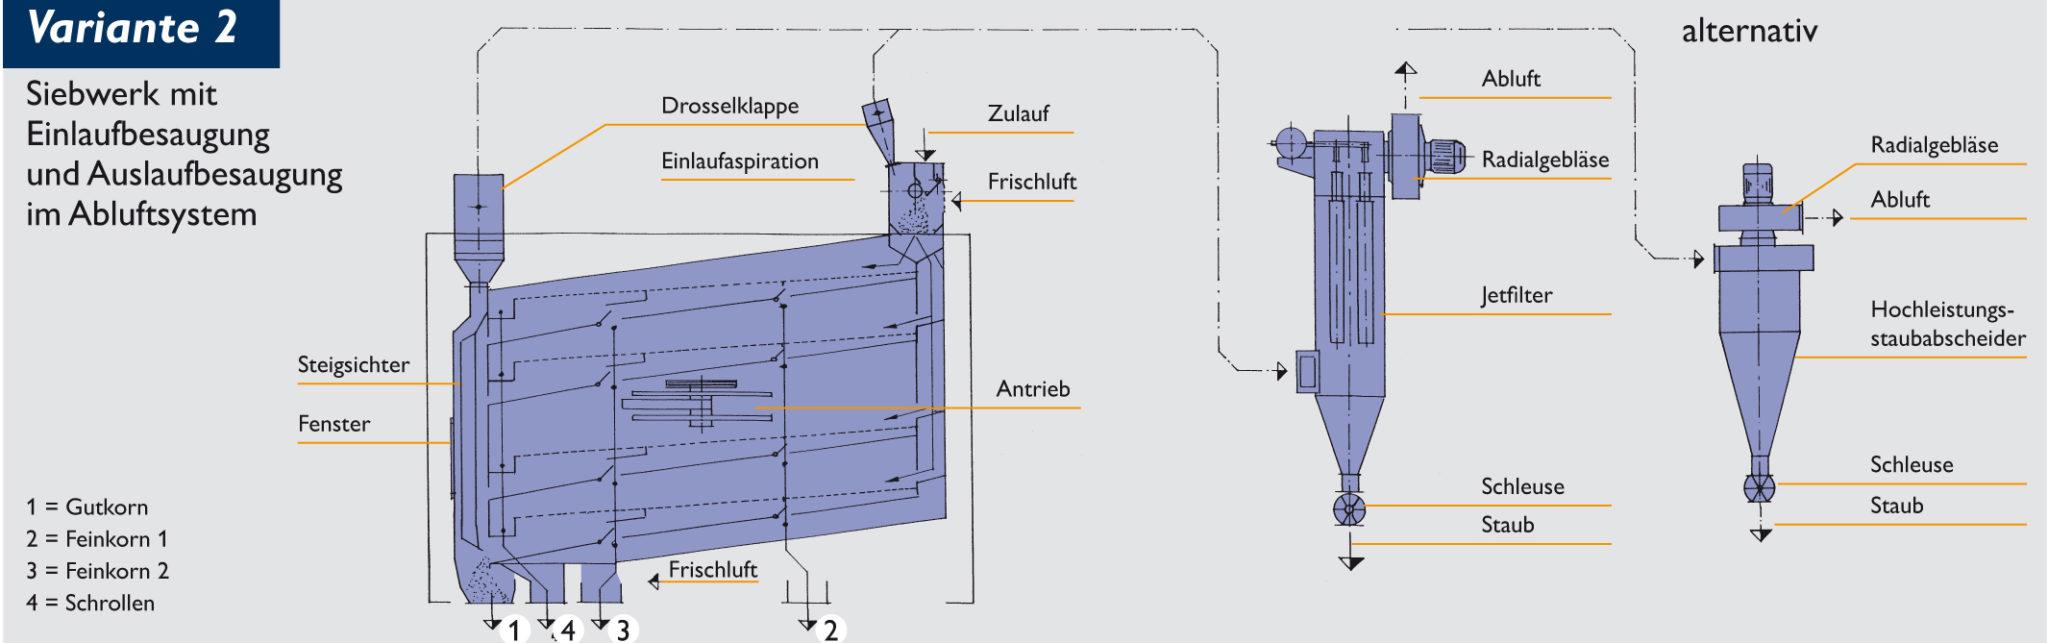 Siebwerk mit Ein- und Auslaufaspiration im Abluftsystem